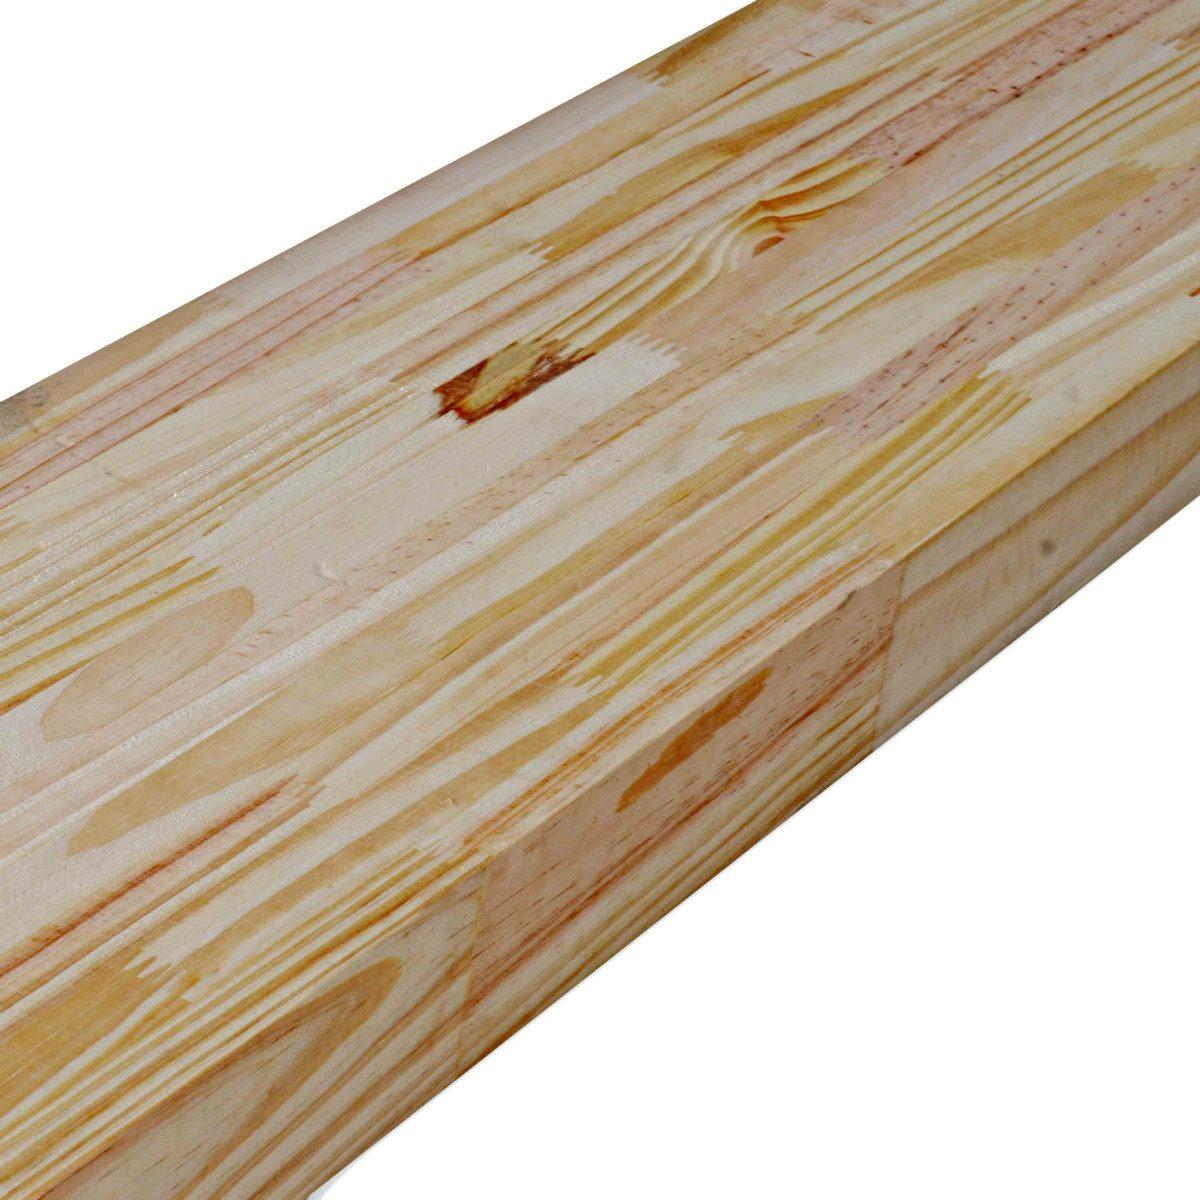 vigas en madera: